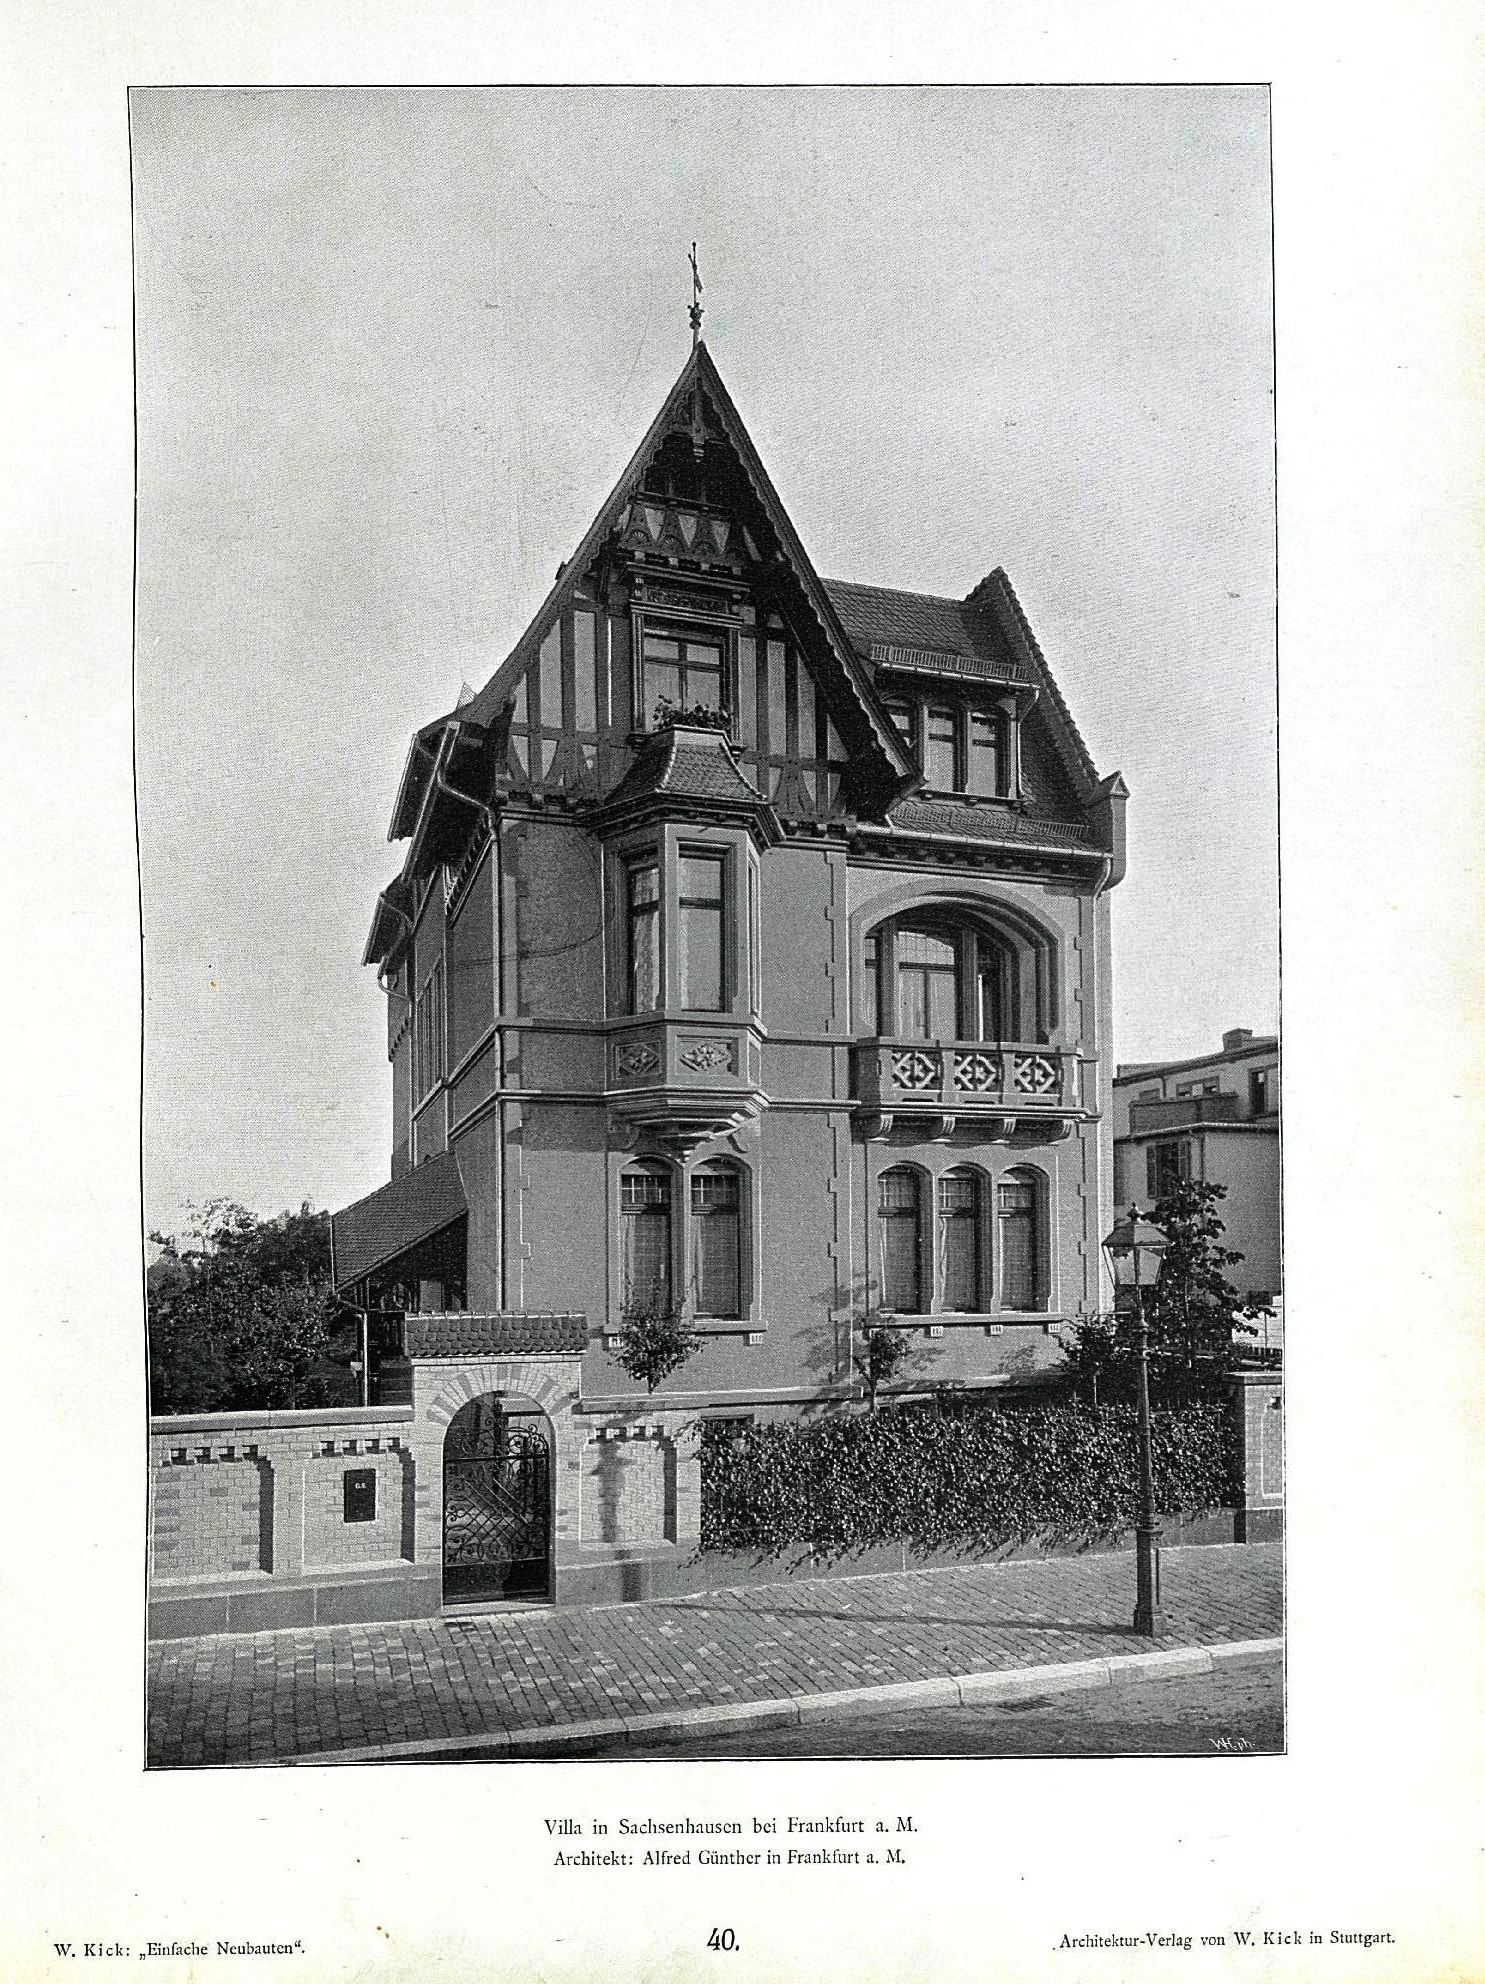 file wilhelm kick einfache neubauten stuttgart 1890 villa in sachsenhausen bei frankfurt am. Black Bedroom Furniture Sets. Home Design Ideas